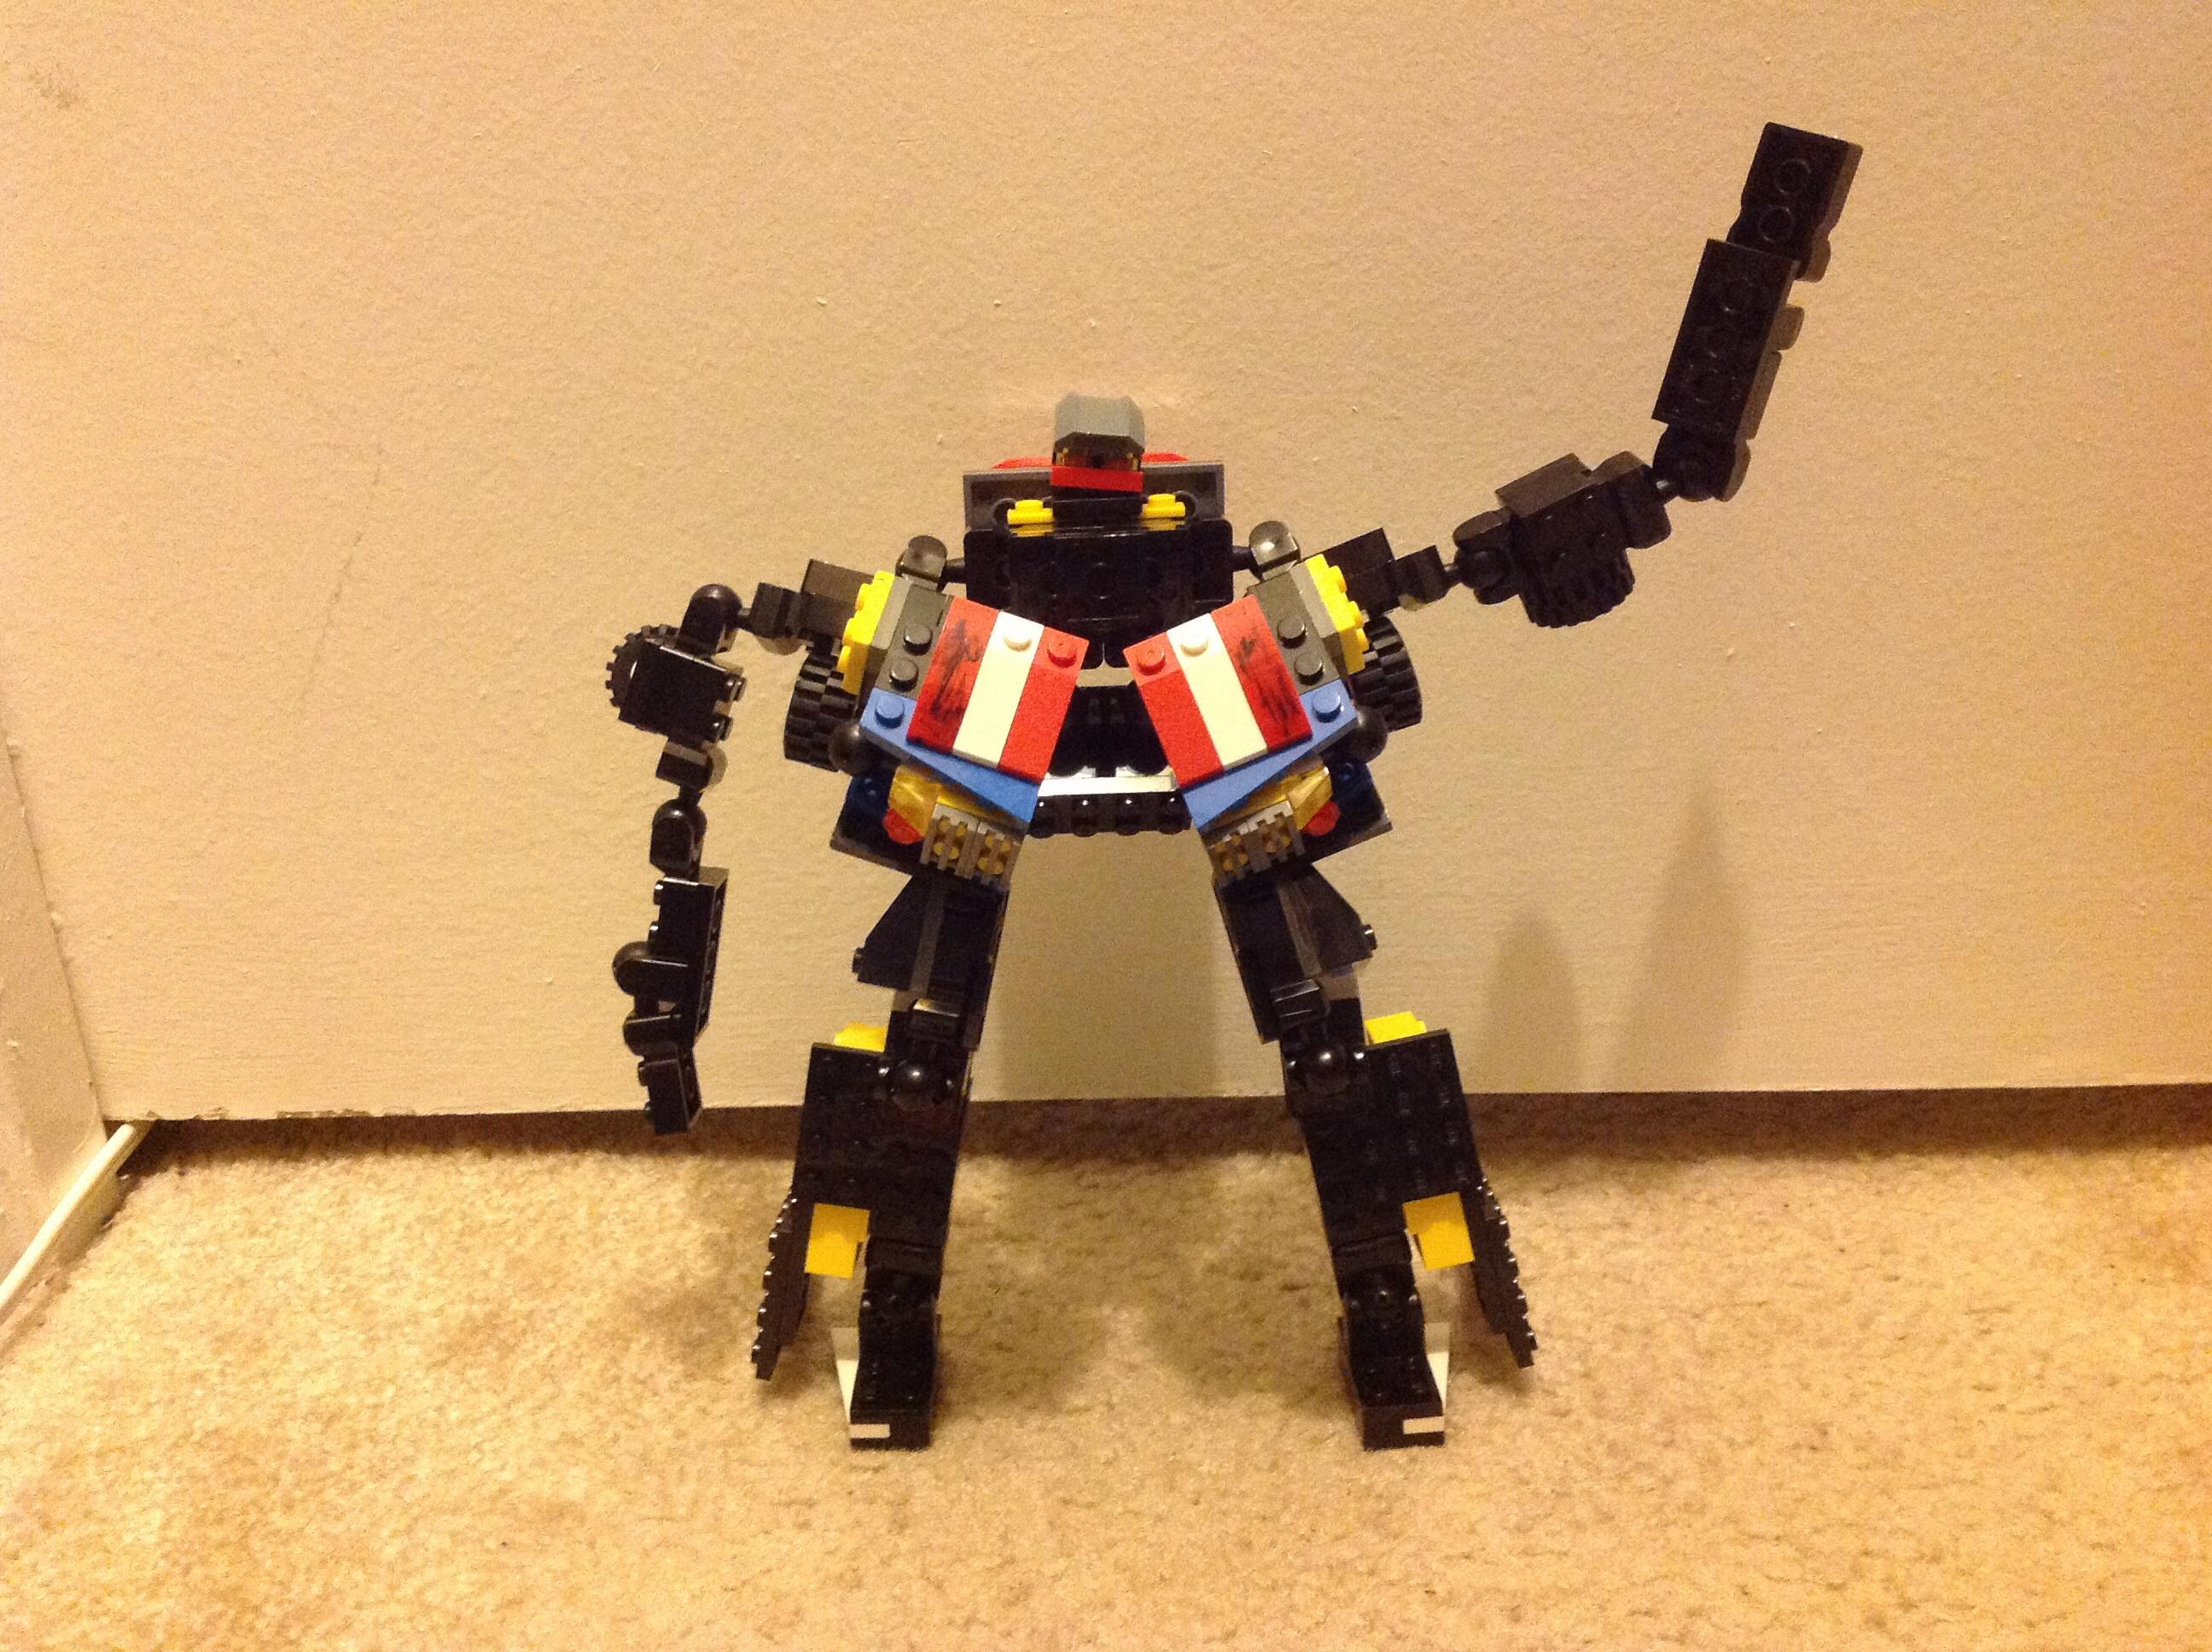 Lego Transformer. Autobot? Decepticon? Movie version of Bulkhead? You decide!